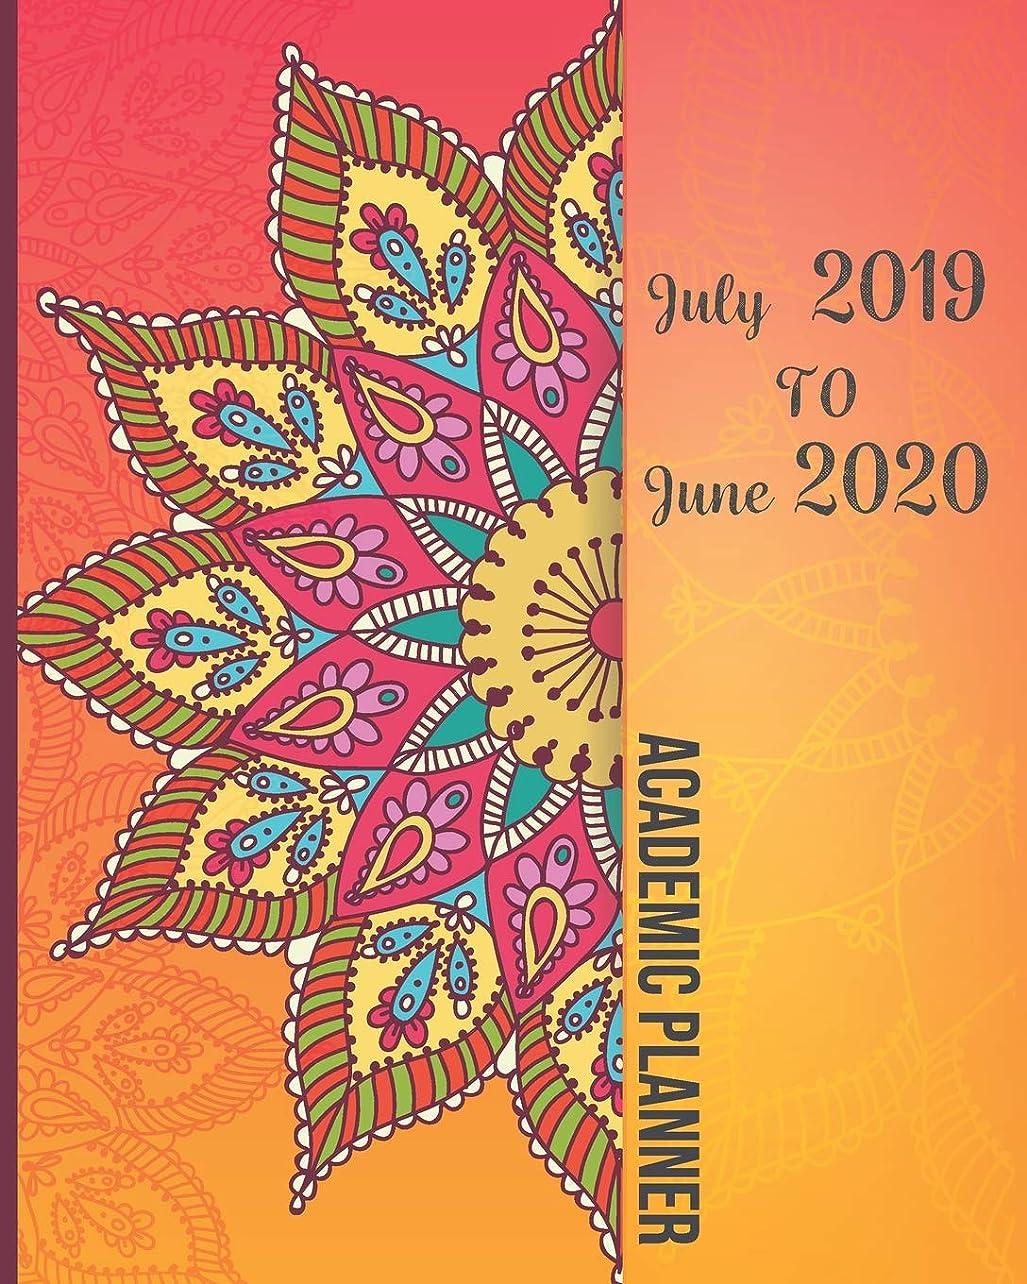 カーペット許さない在庫July 2019-June 2020 Academic Planner: Beautiful Mandala Cover, 12 Months July-June Calendar, Daily Weekly Monthly Planner 8